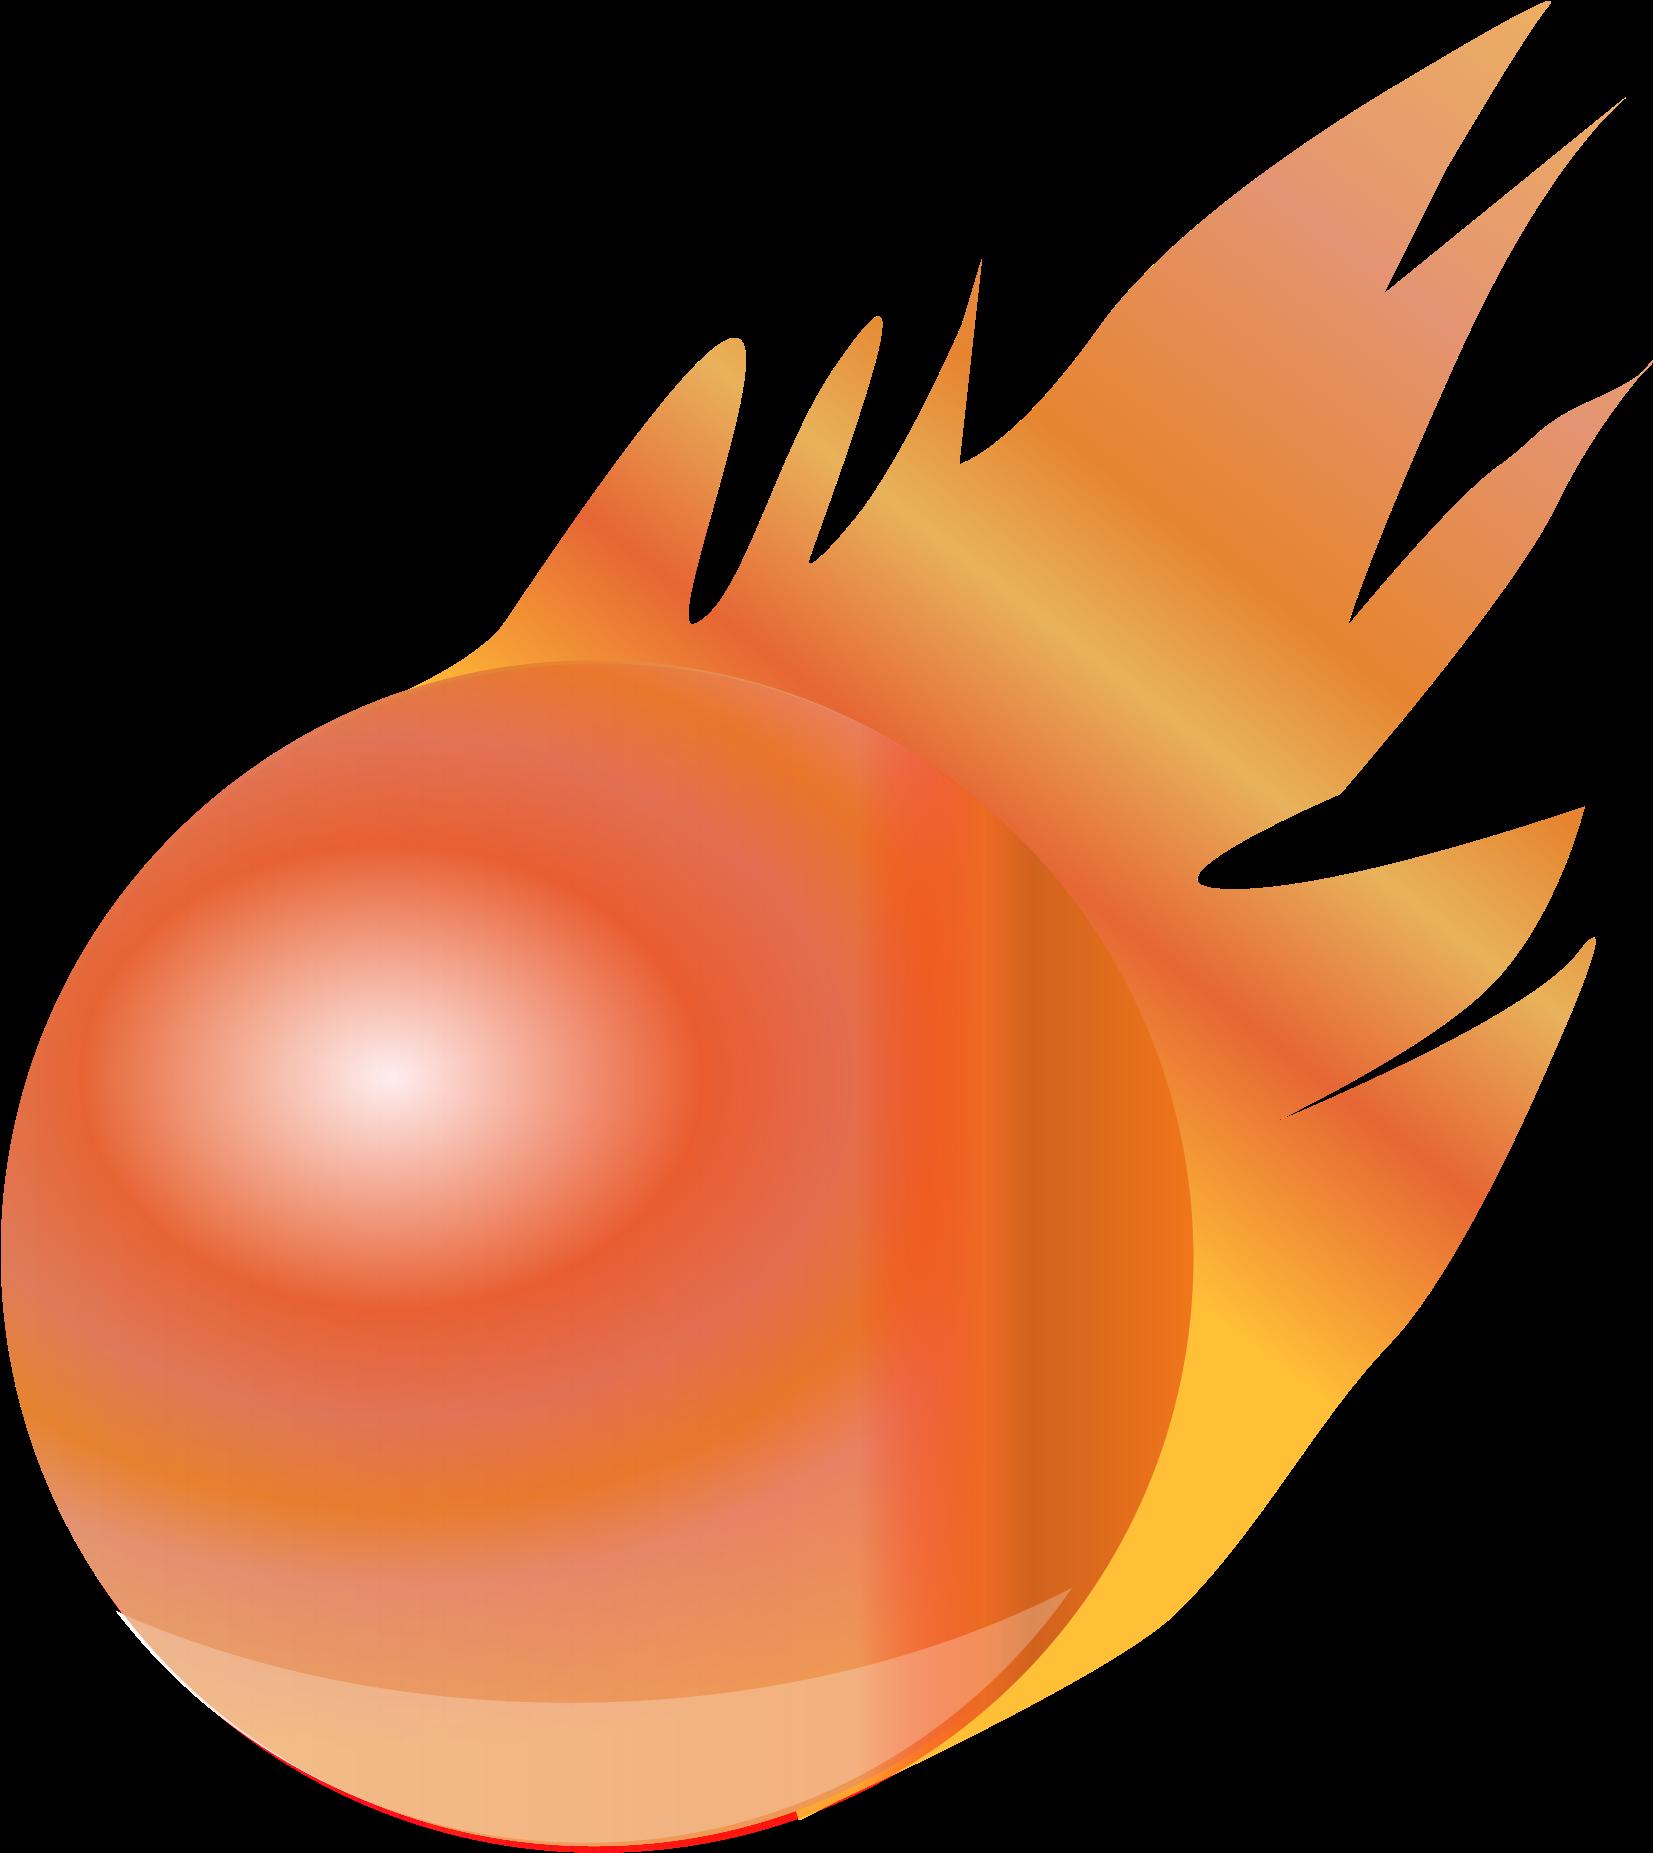 Fire Ball Clip Art.